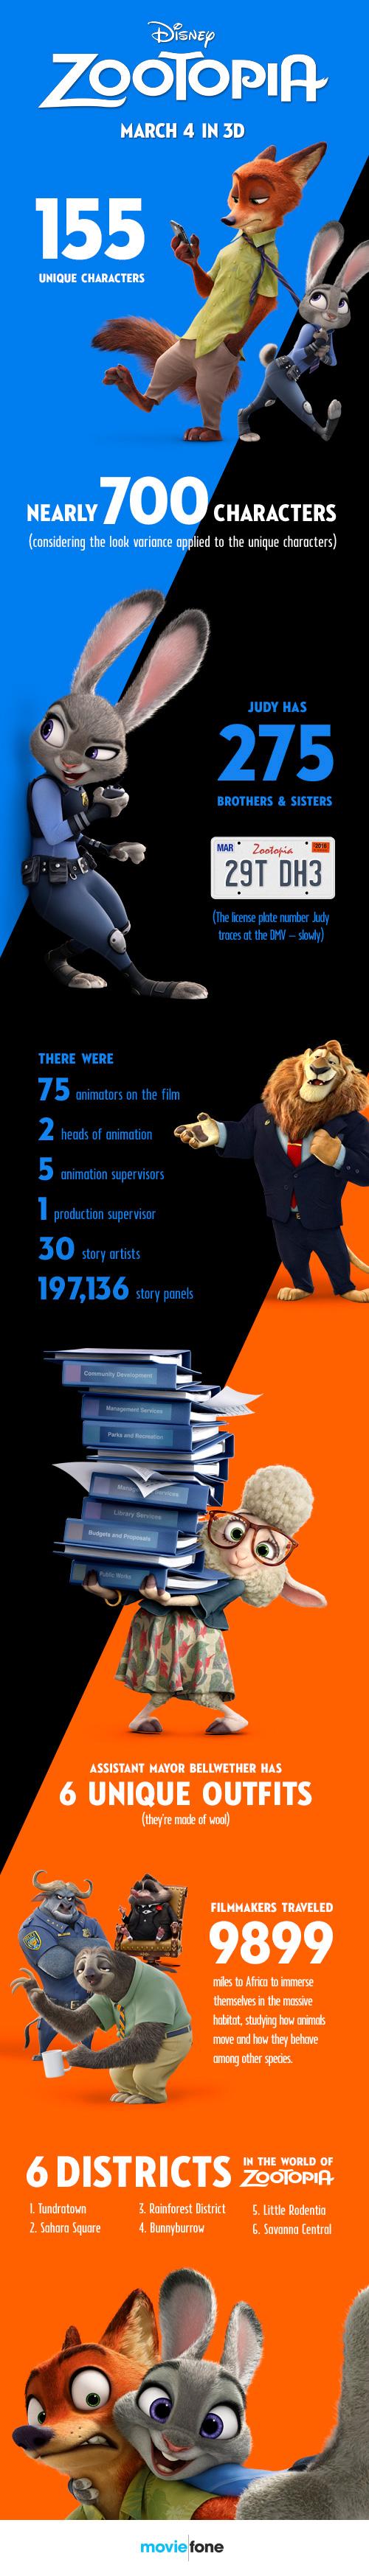 Disney Zootopia infographic